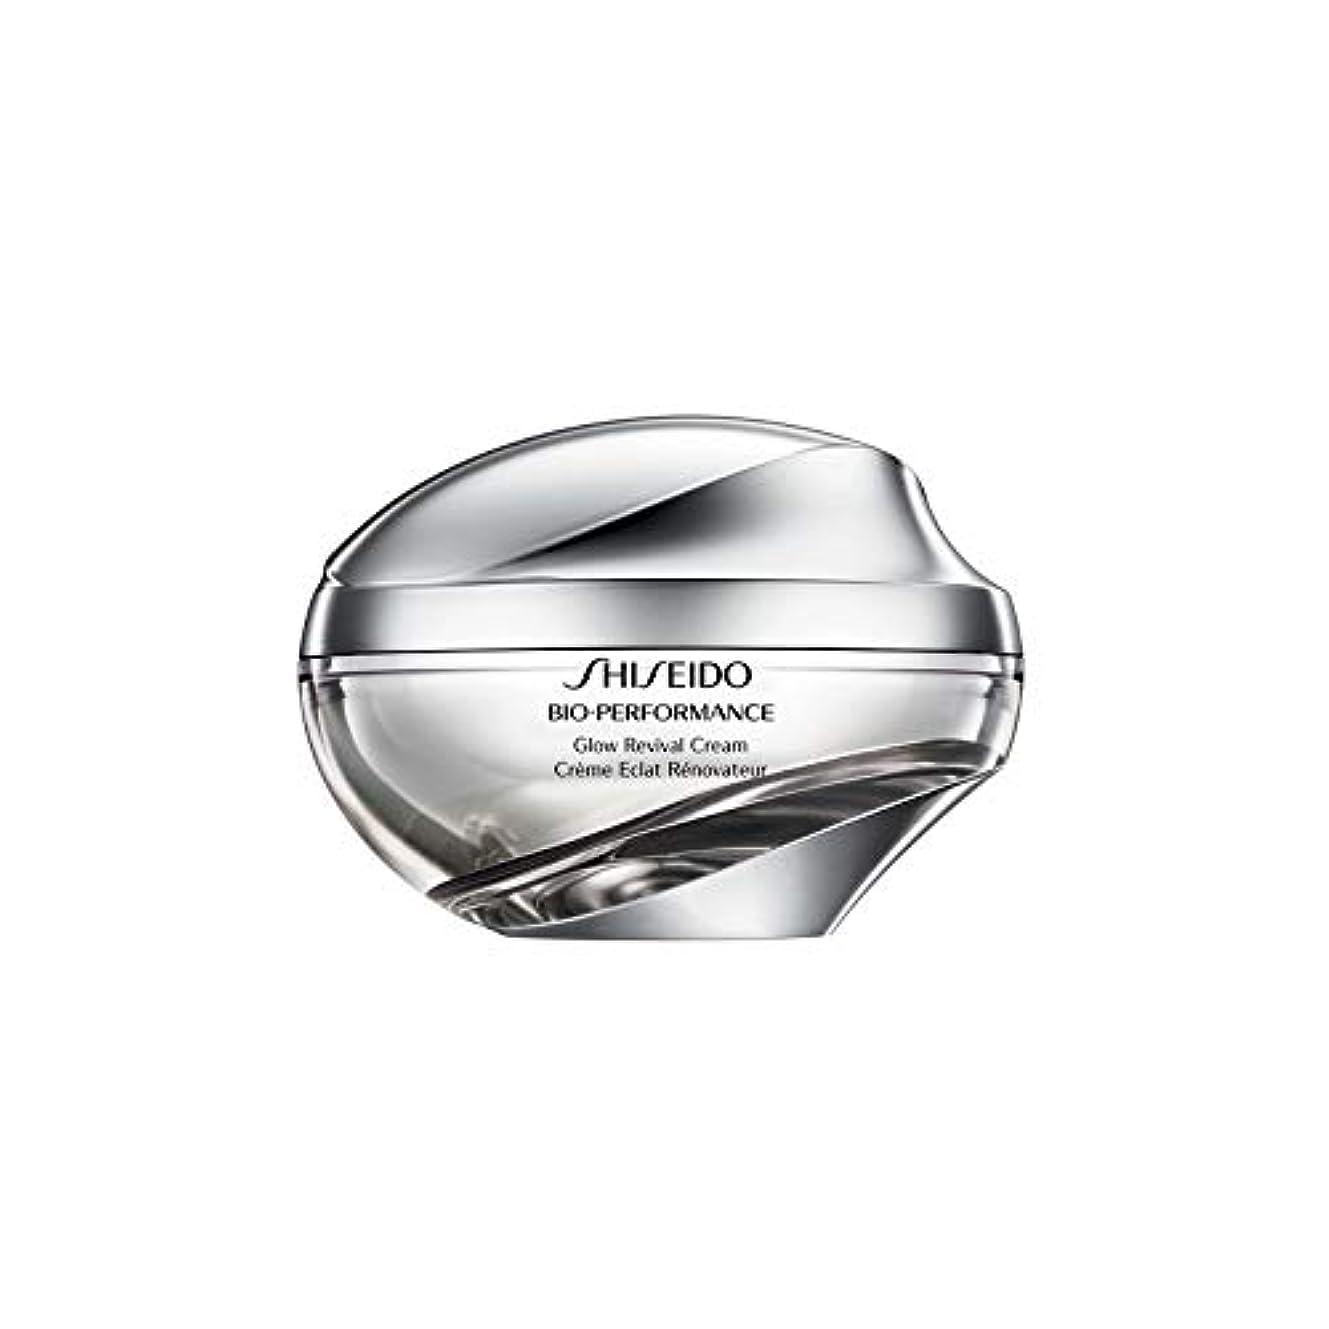 示す見捨てる中に[Shiseido] 資生堂バイオパフォーマンスグロー復活クリーム - Shiseido Bio-Performance Glow Revival Cream [並行輸入品]